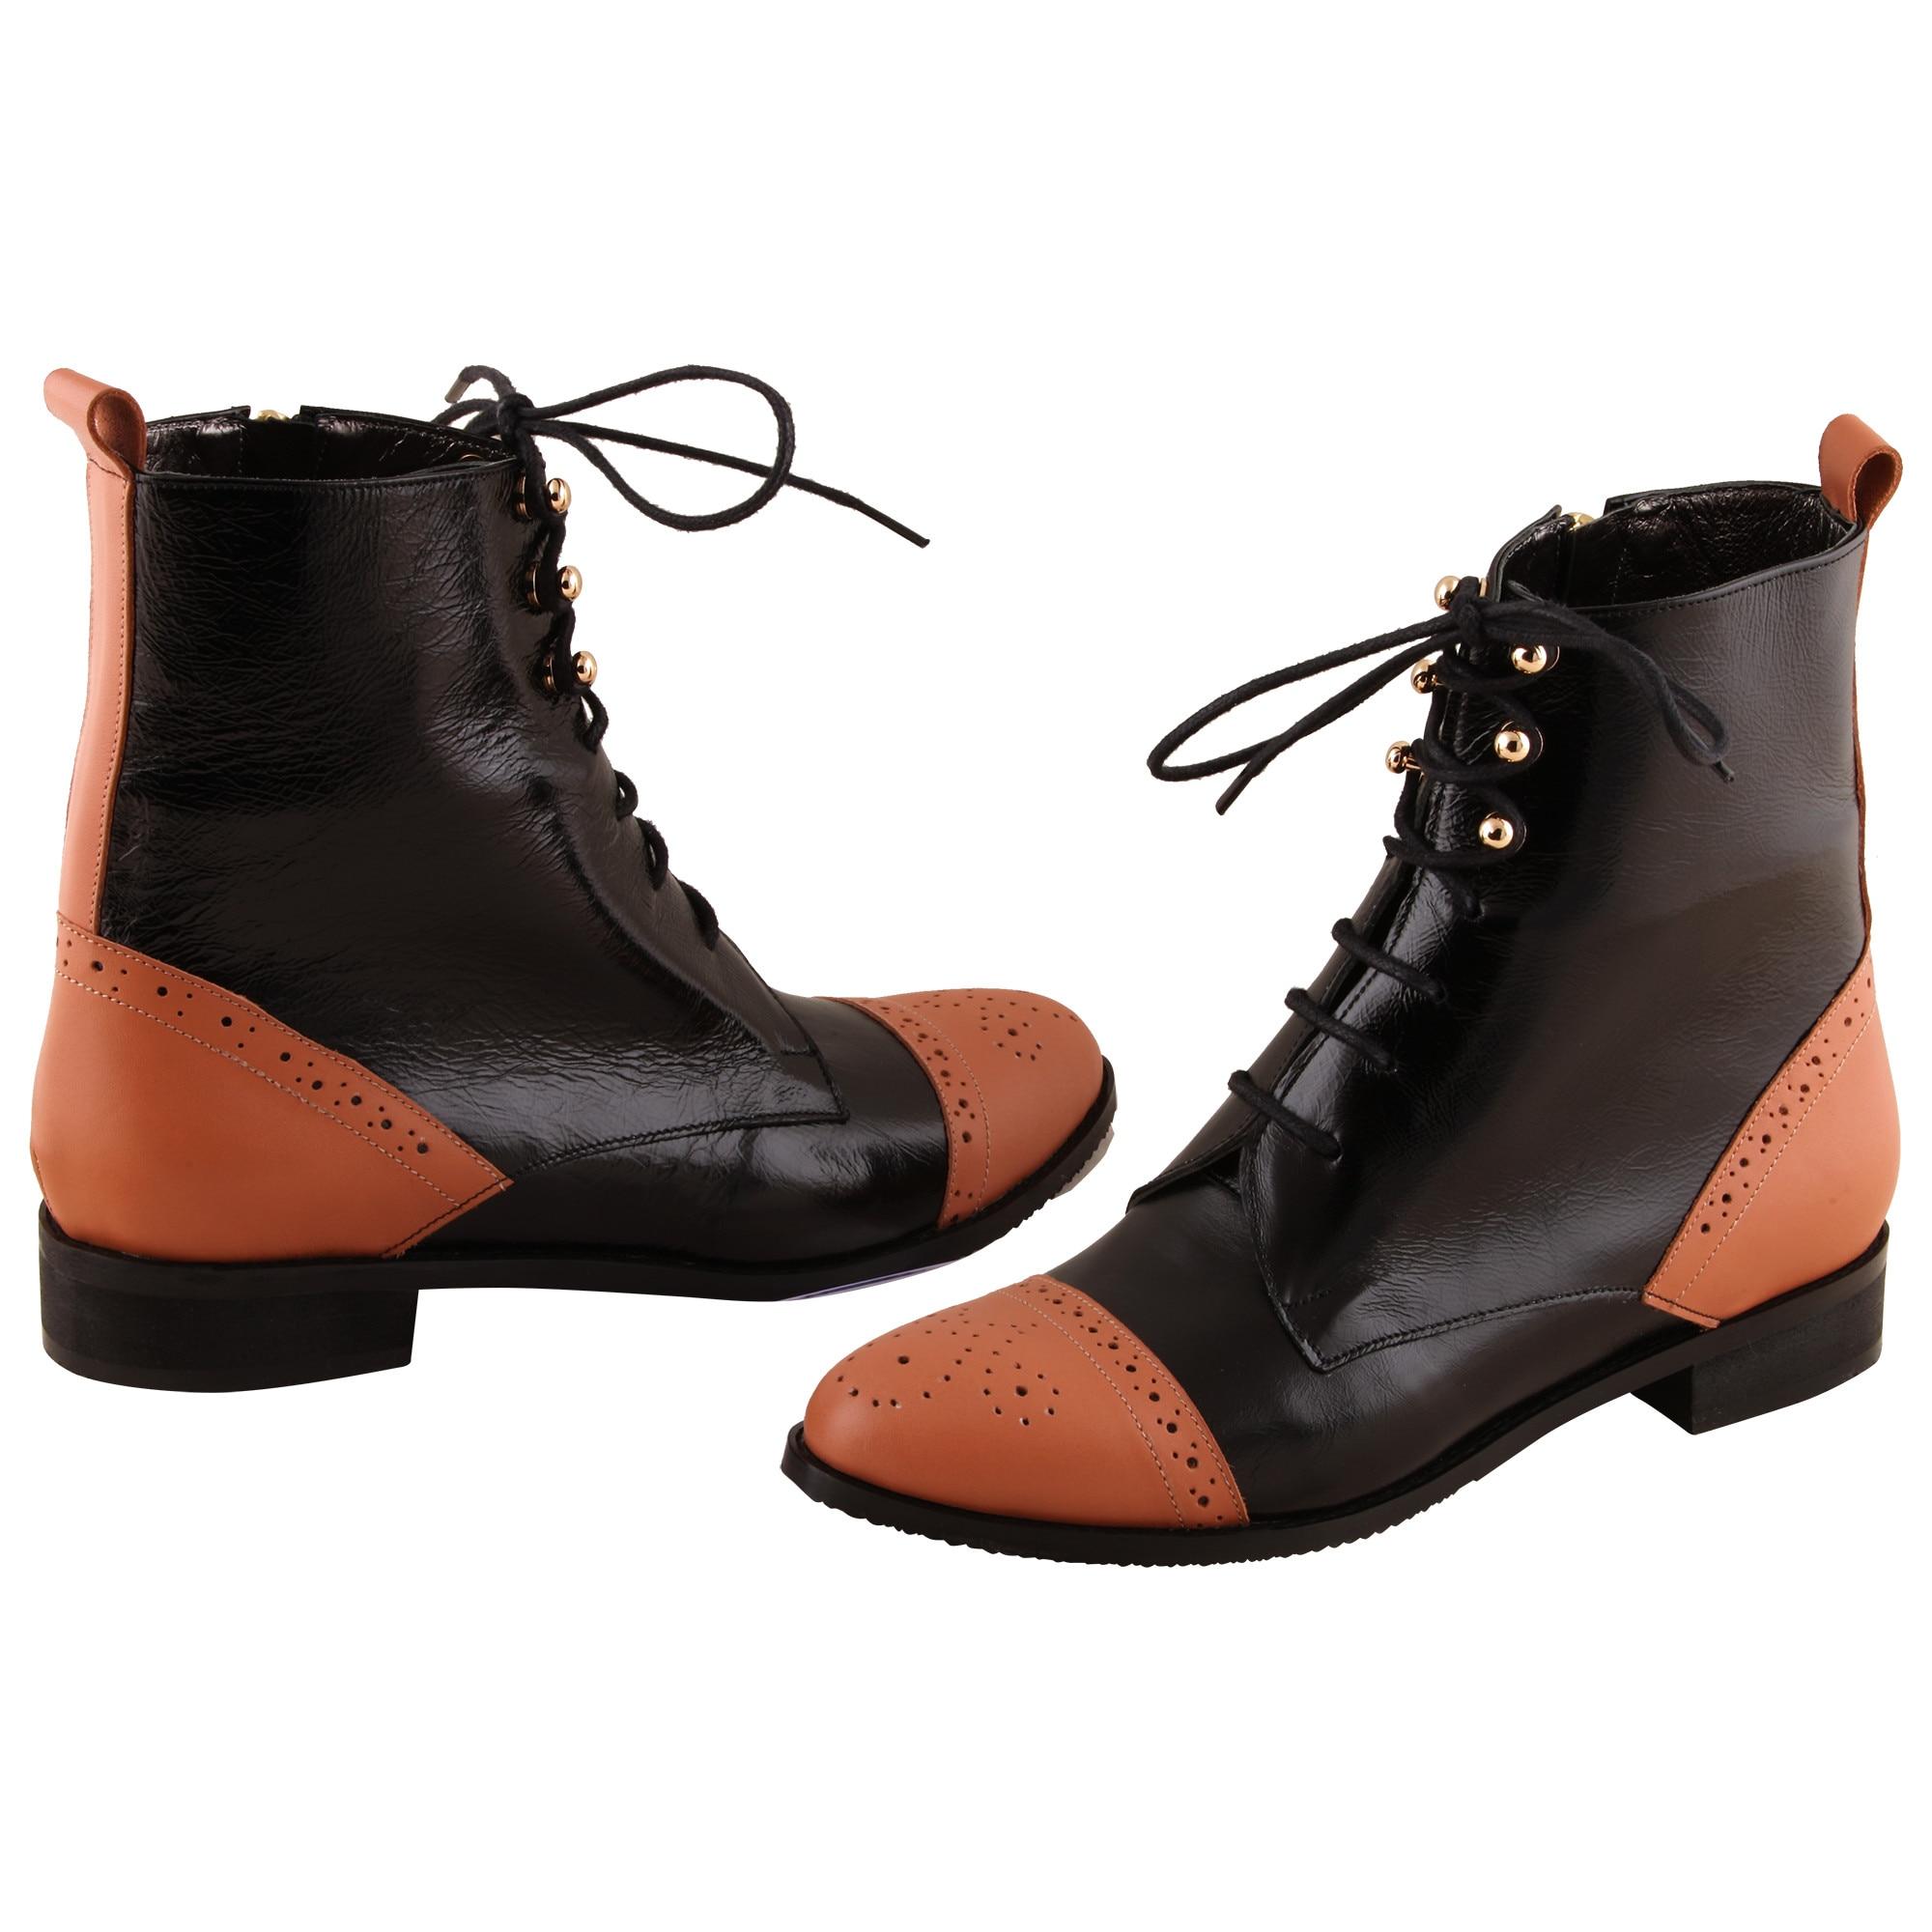 pantofi autentici selecție premium vânzare ieftină din Marea Britanie Ghete de dama Fix You Gingersnap, 35, Multicolor - eMAG.ro